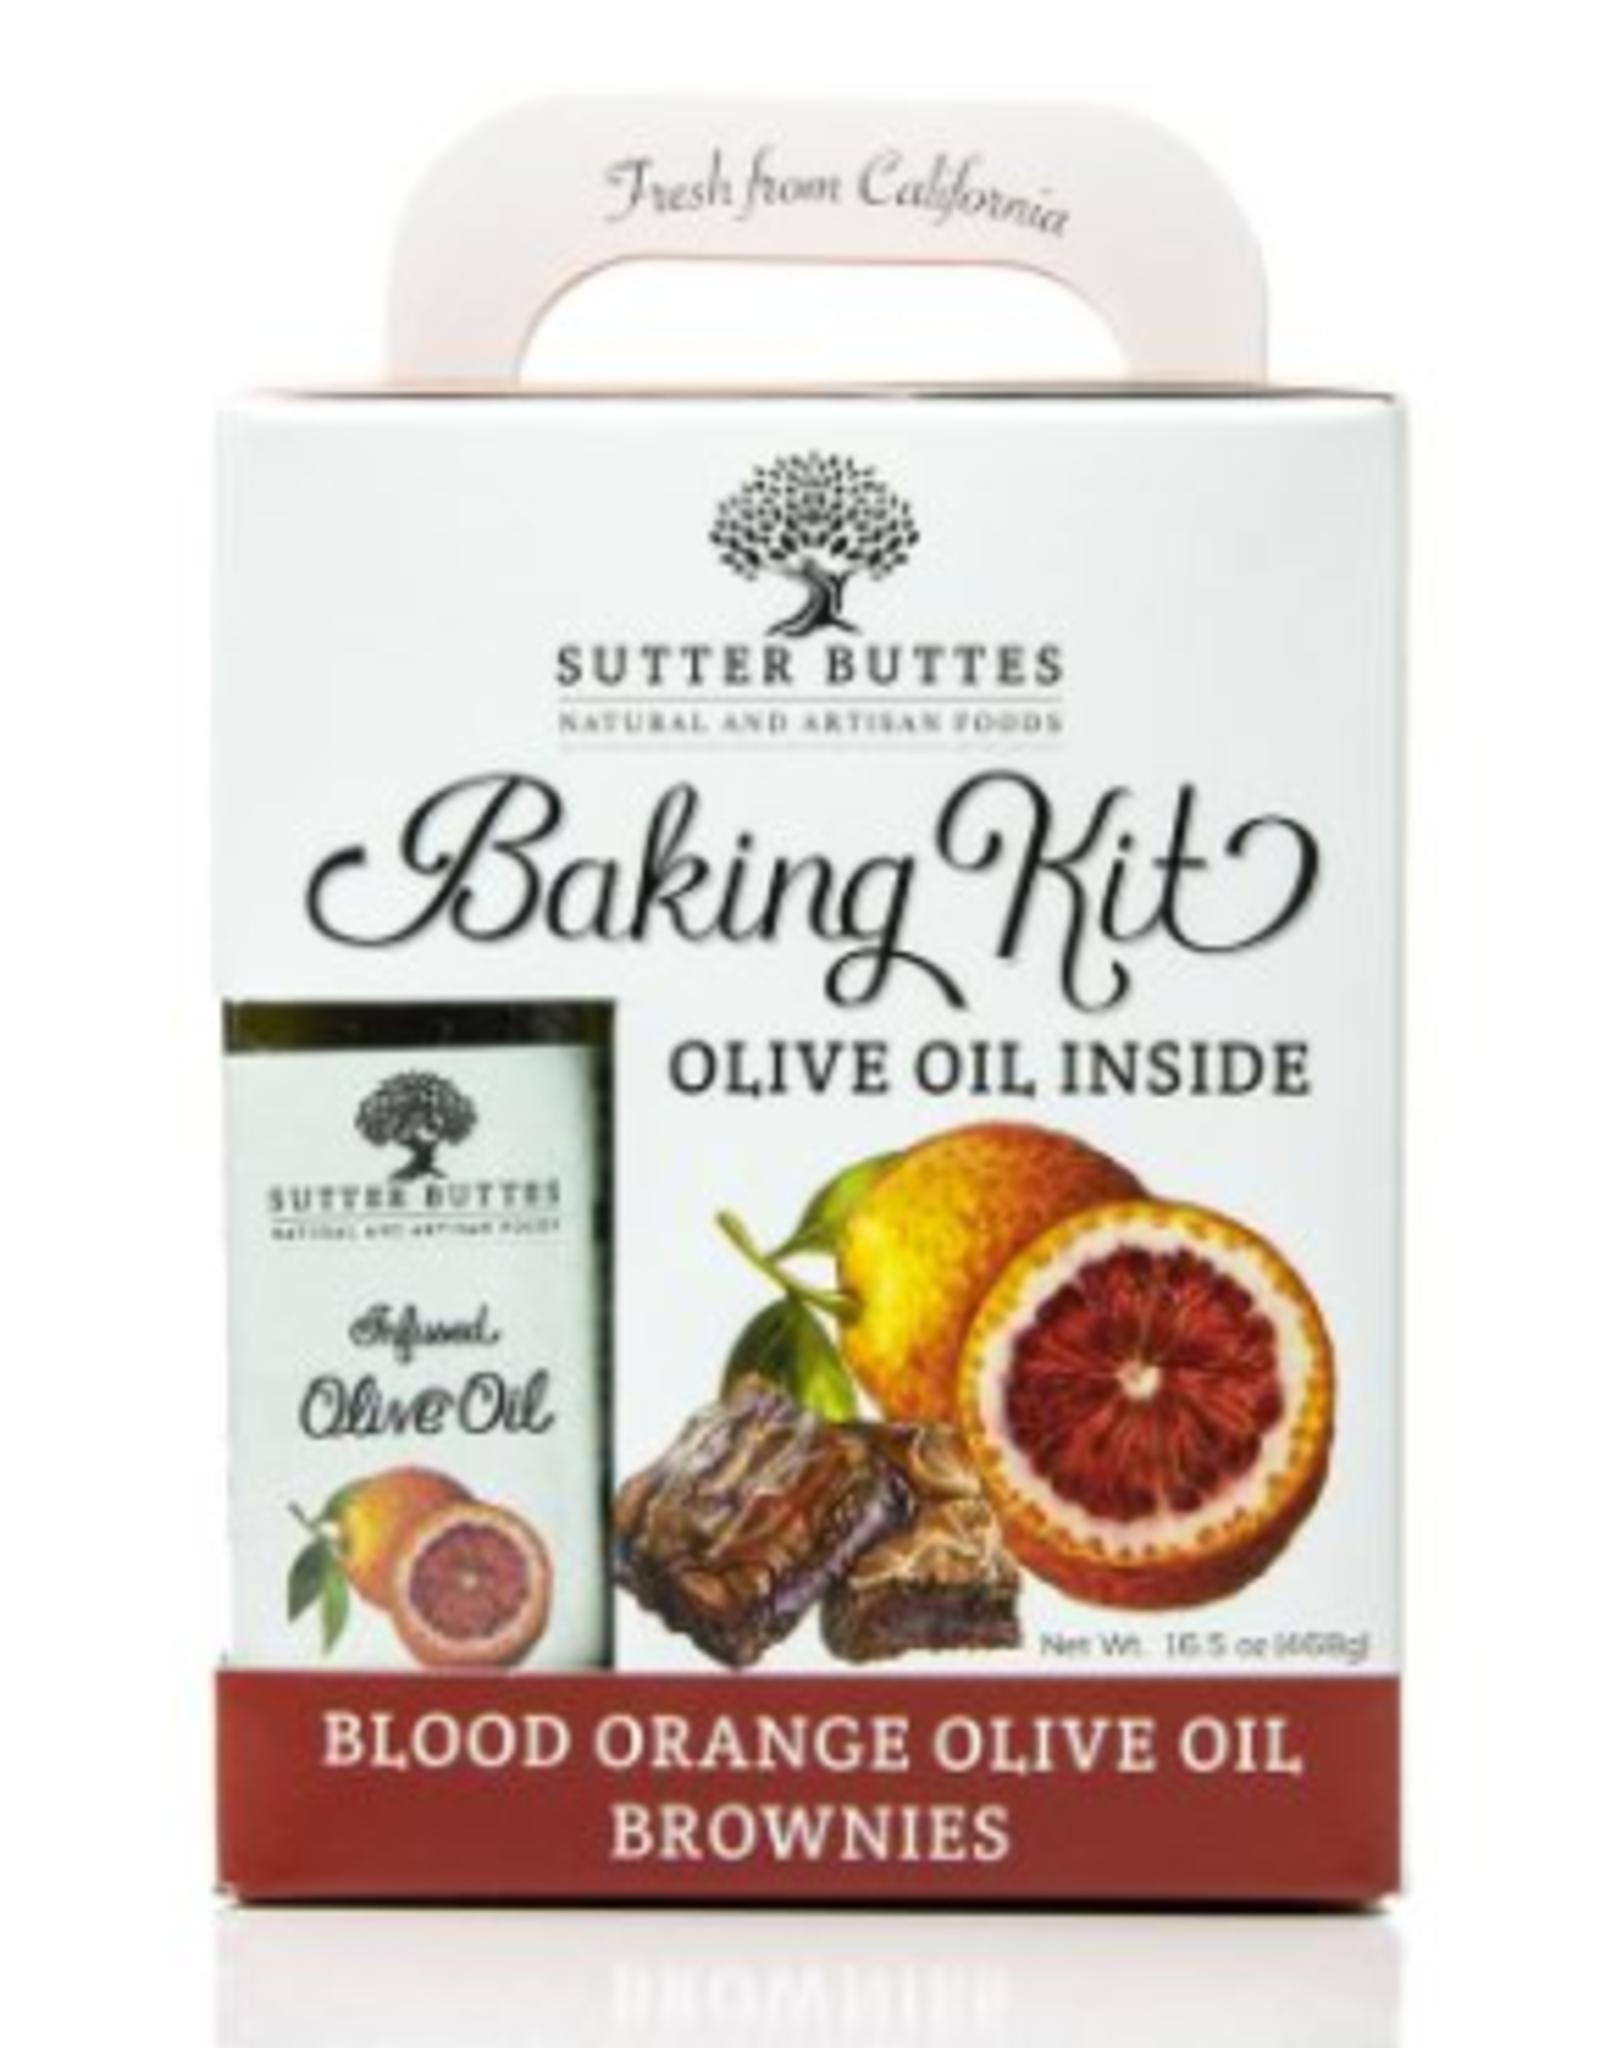 Sutter Buttes Blood Orange Brownie Baking Mix